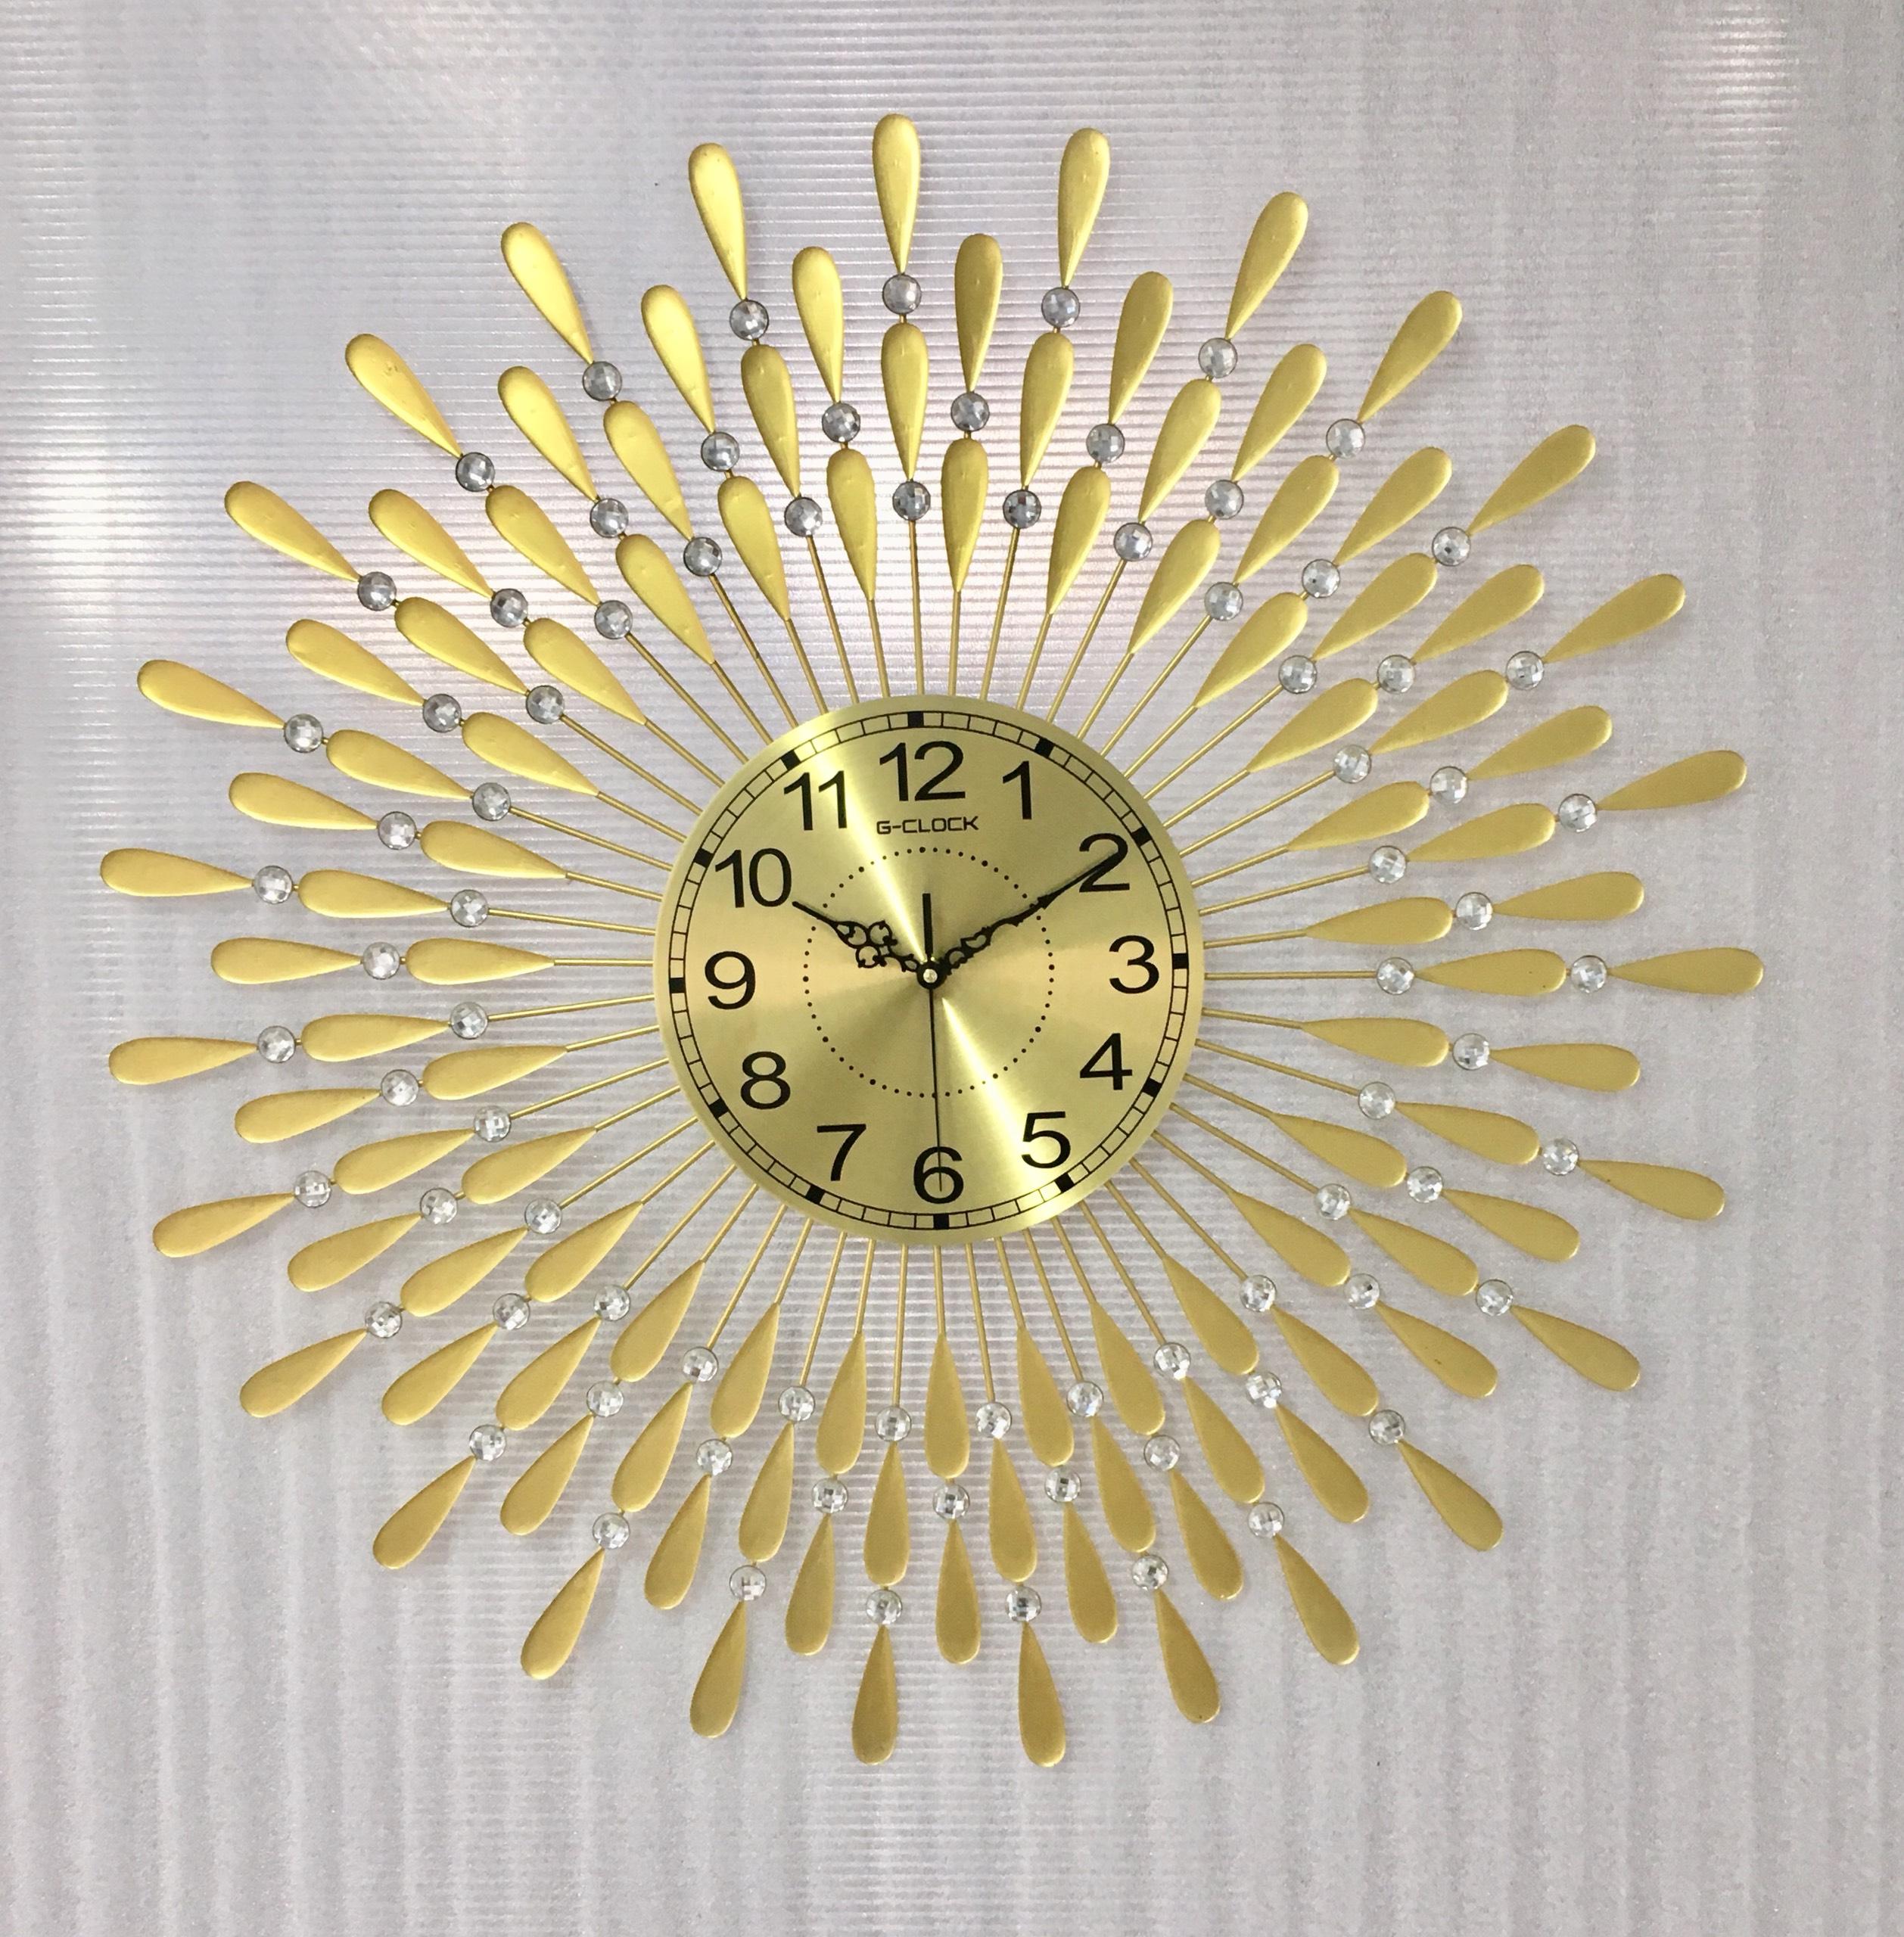 Đồng hồ treo tường hiện đại hình giọt nước hàng Việt Nam chất lượng cao trang trí phòng khách kích thước 75x75cm